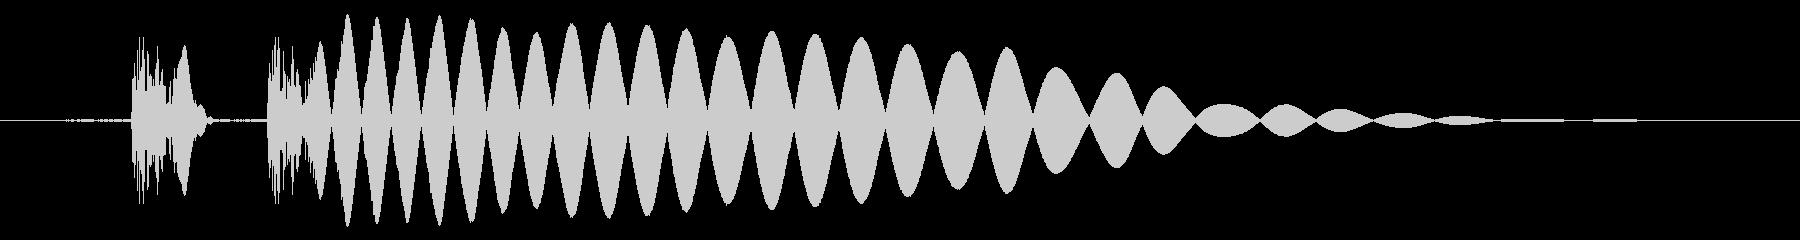 EDM/IDM系の埋もれないバスドラ5cの未再生の波形